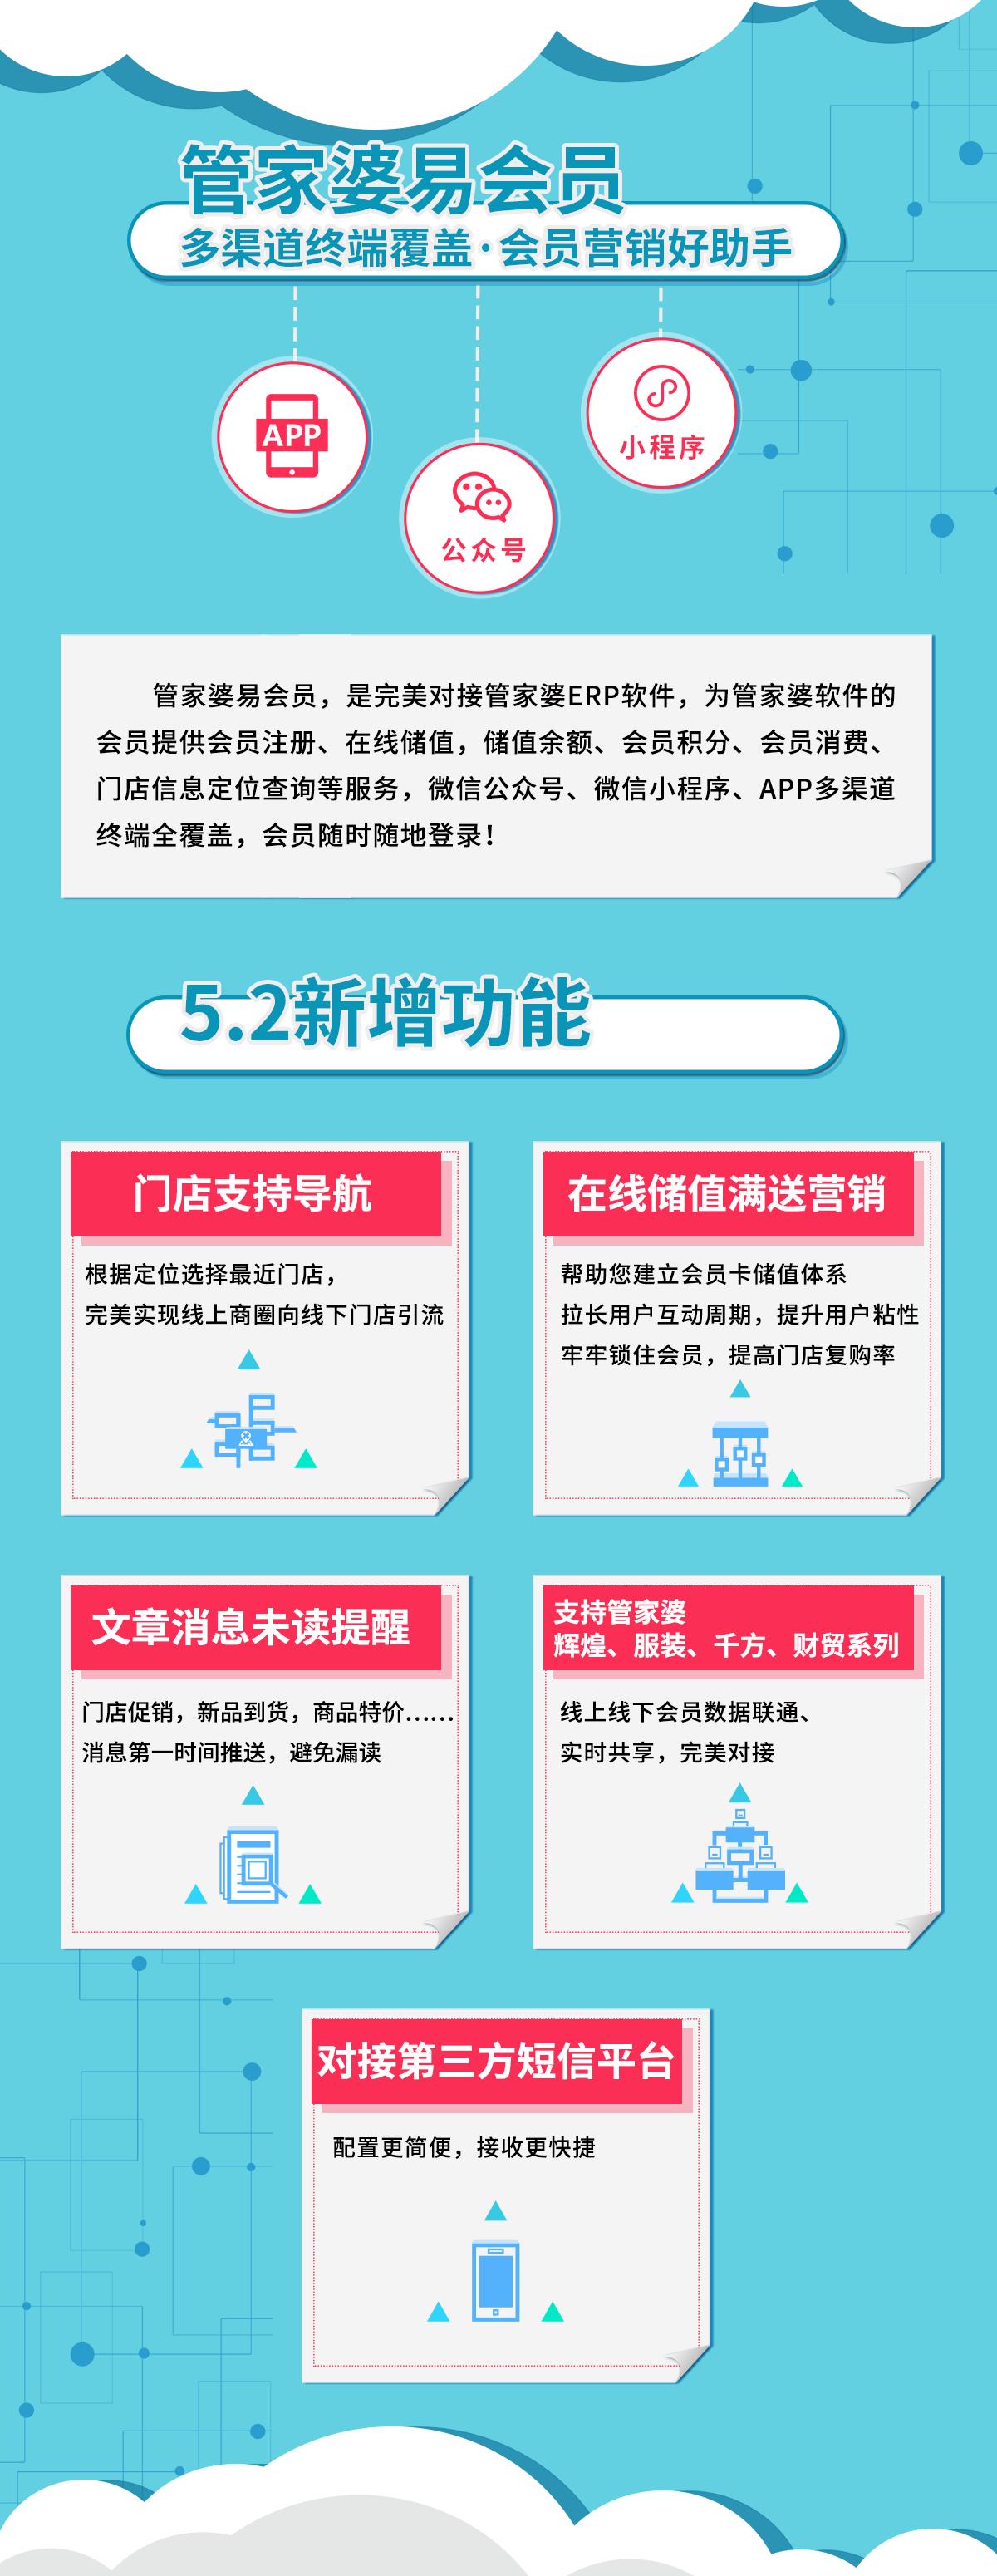 易会员v 5.2_微信文章长图.png